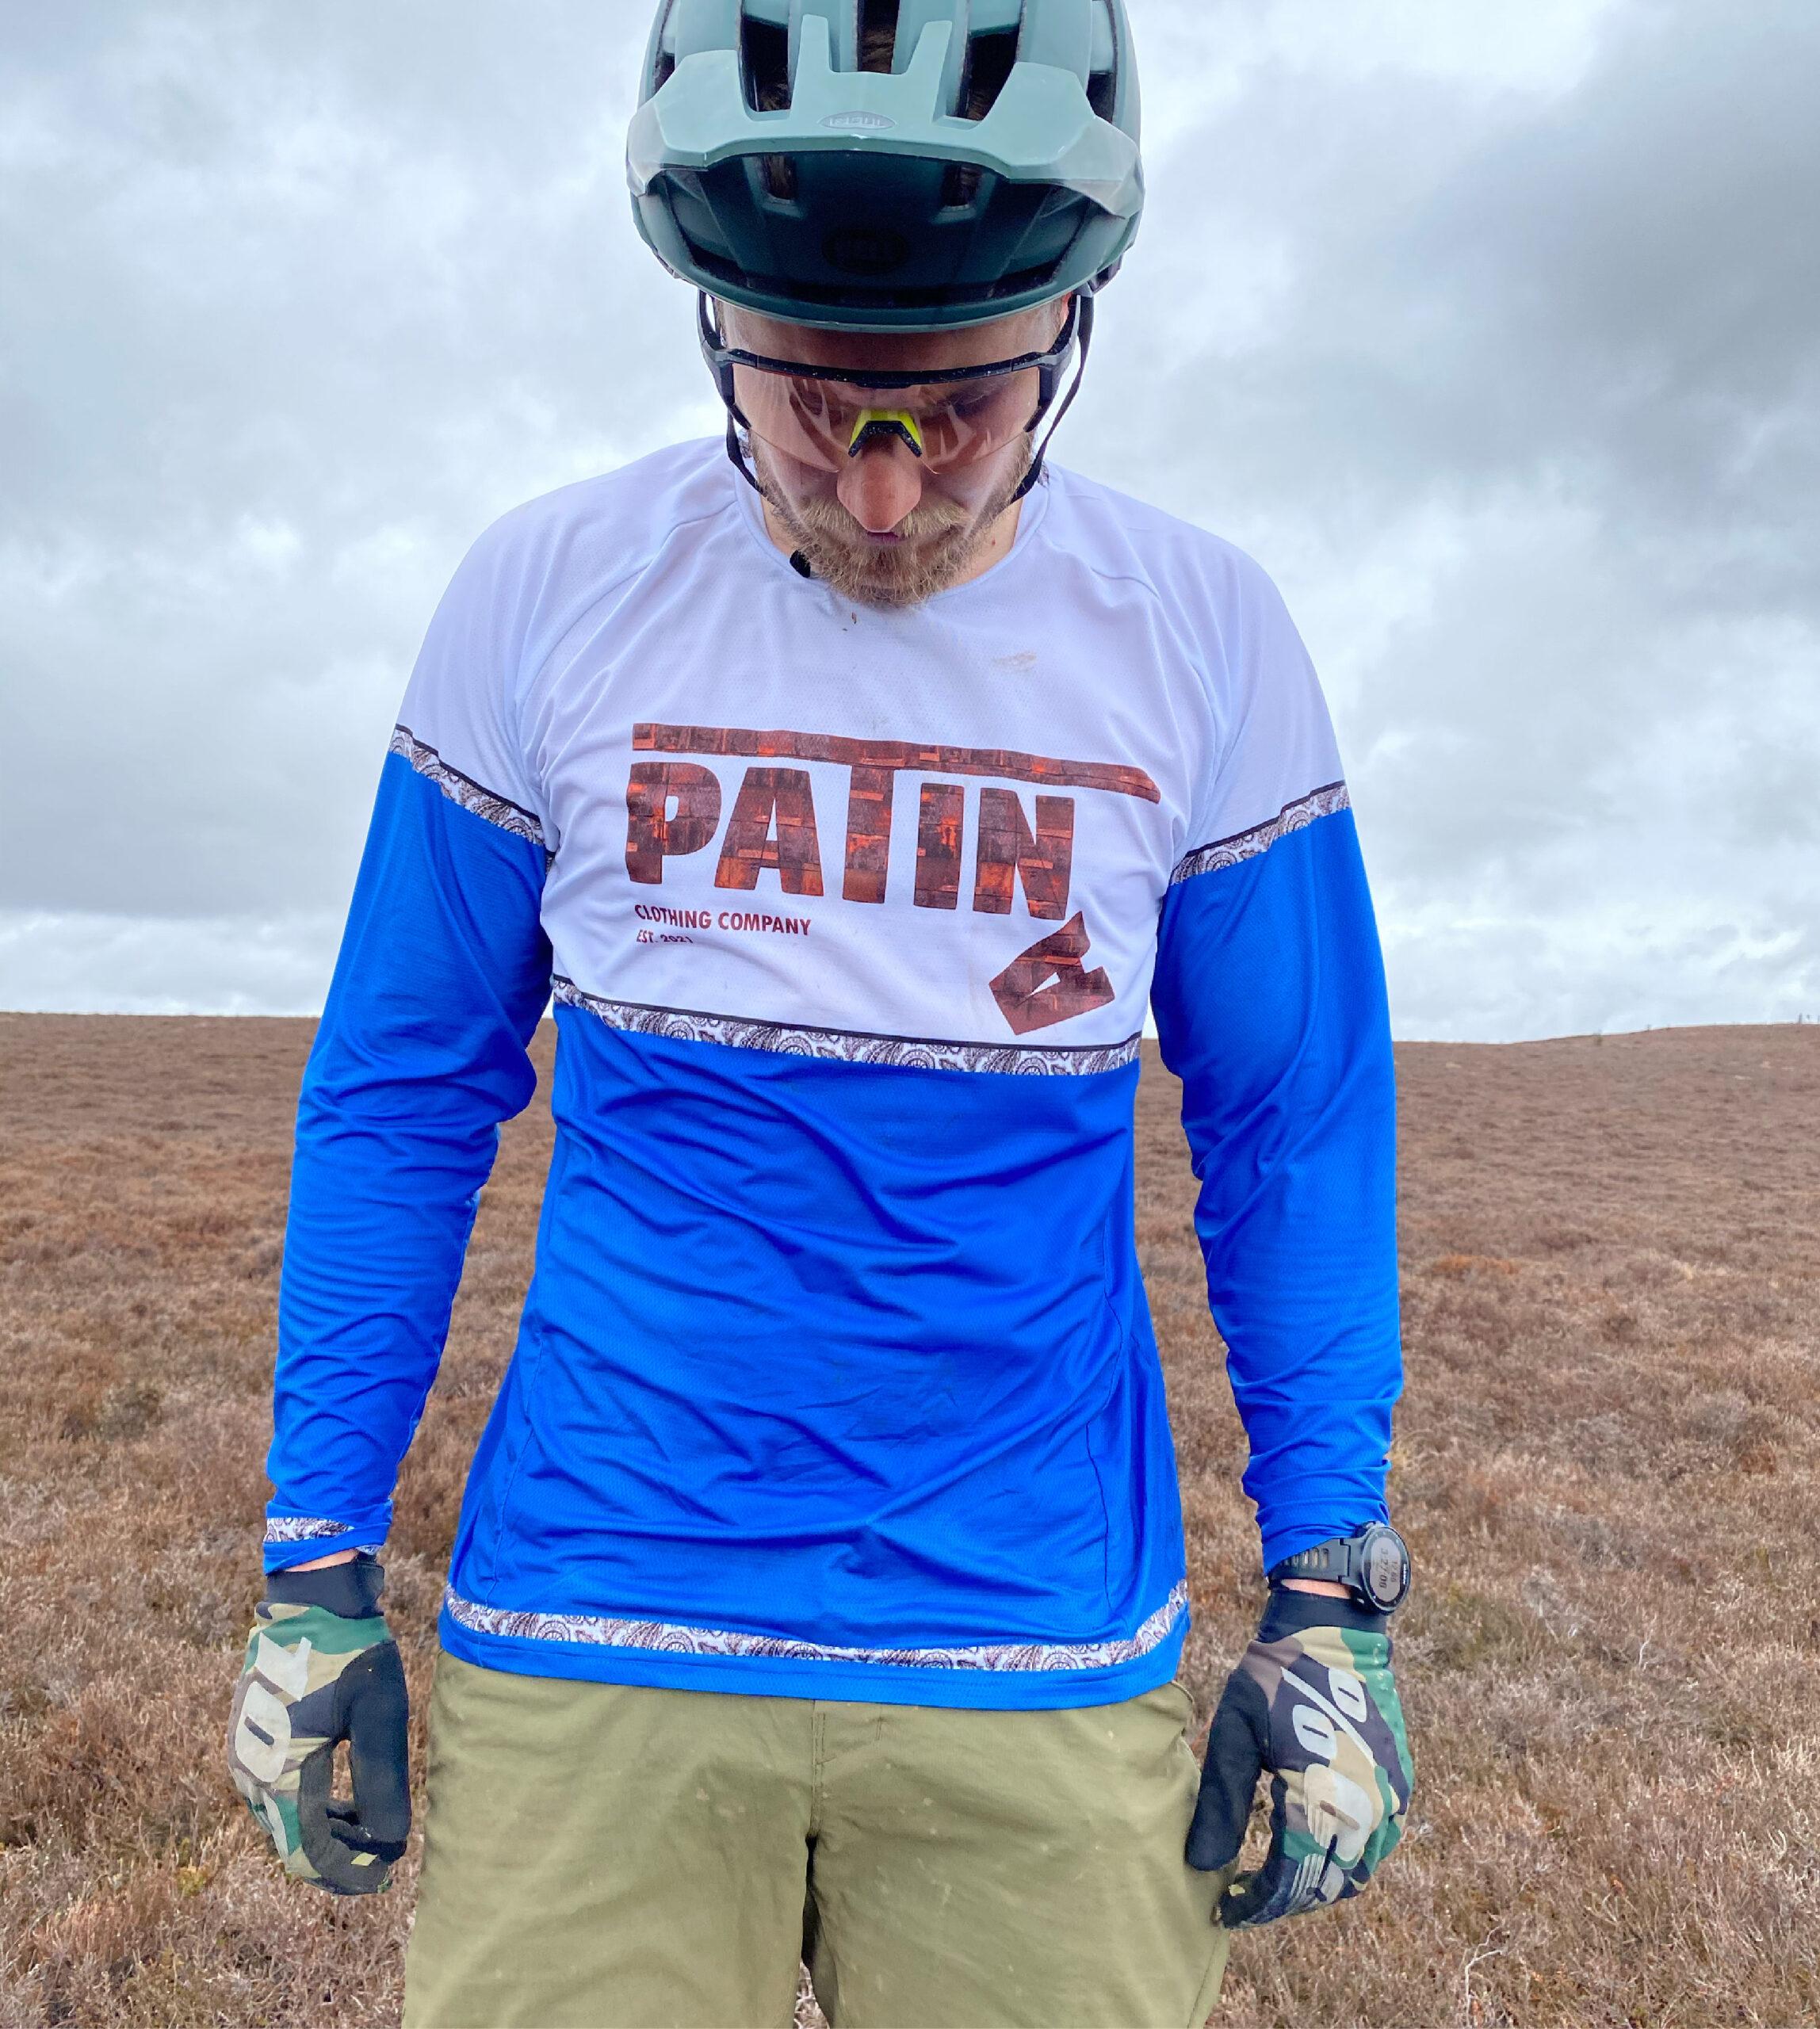 Patina original race jersey